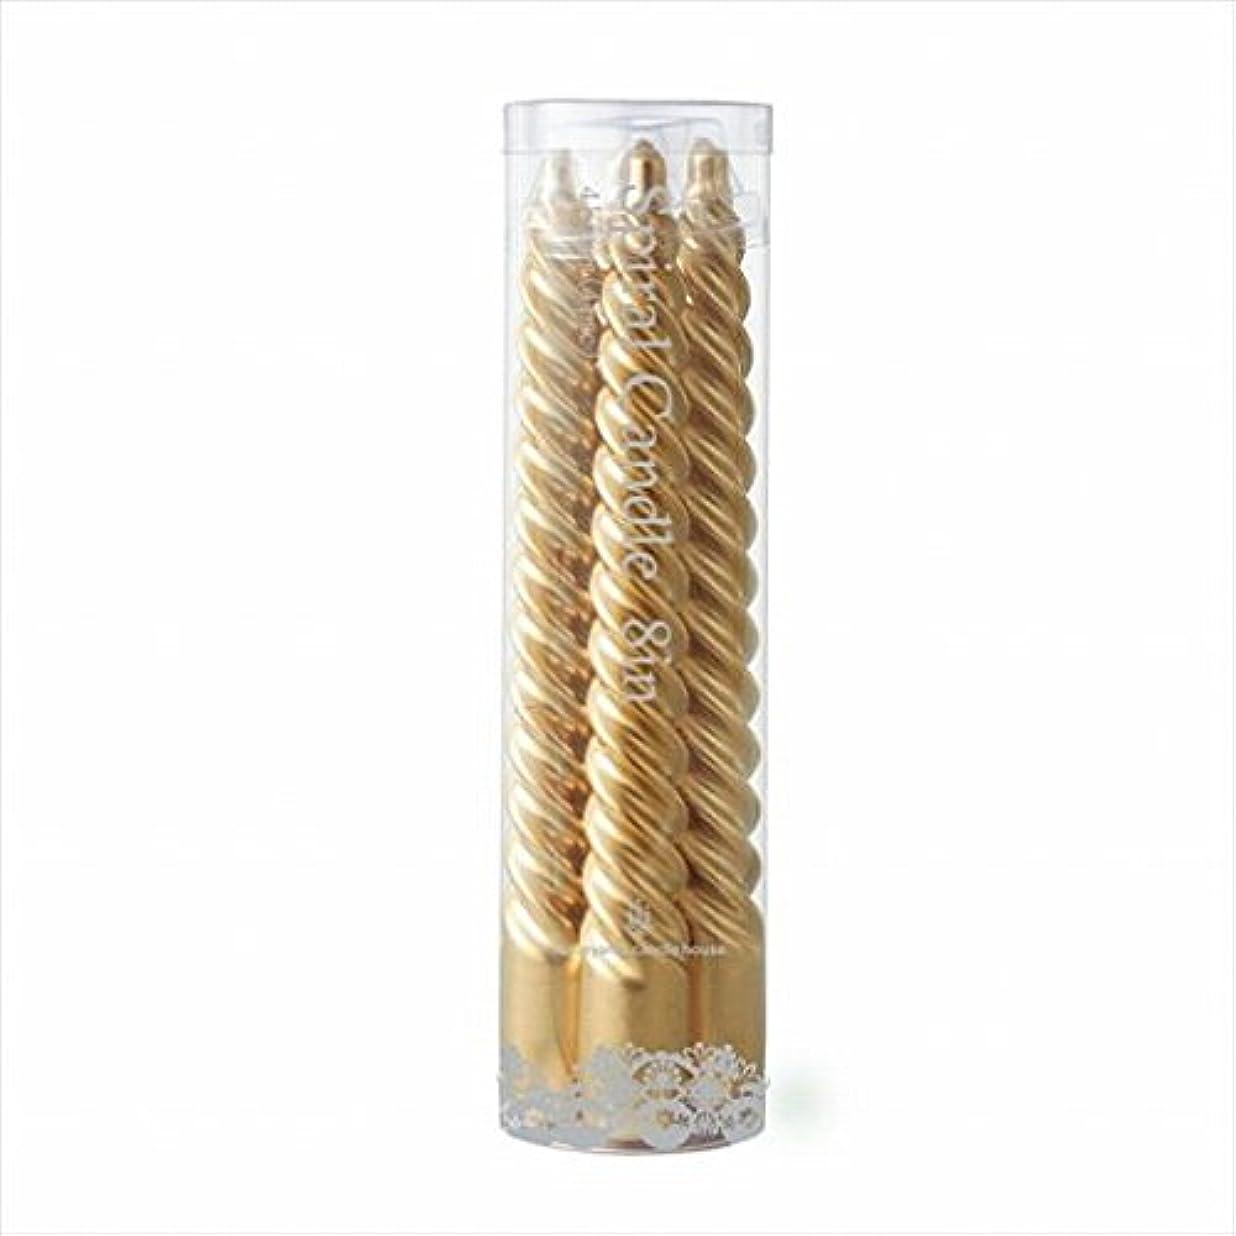 ベットマーベル義務づけるカメヤマキャンドル(kameyama candle) 8インチスパイラル4本入り 「 ゴールド 」6箱セット